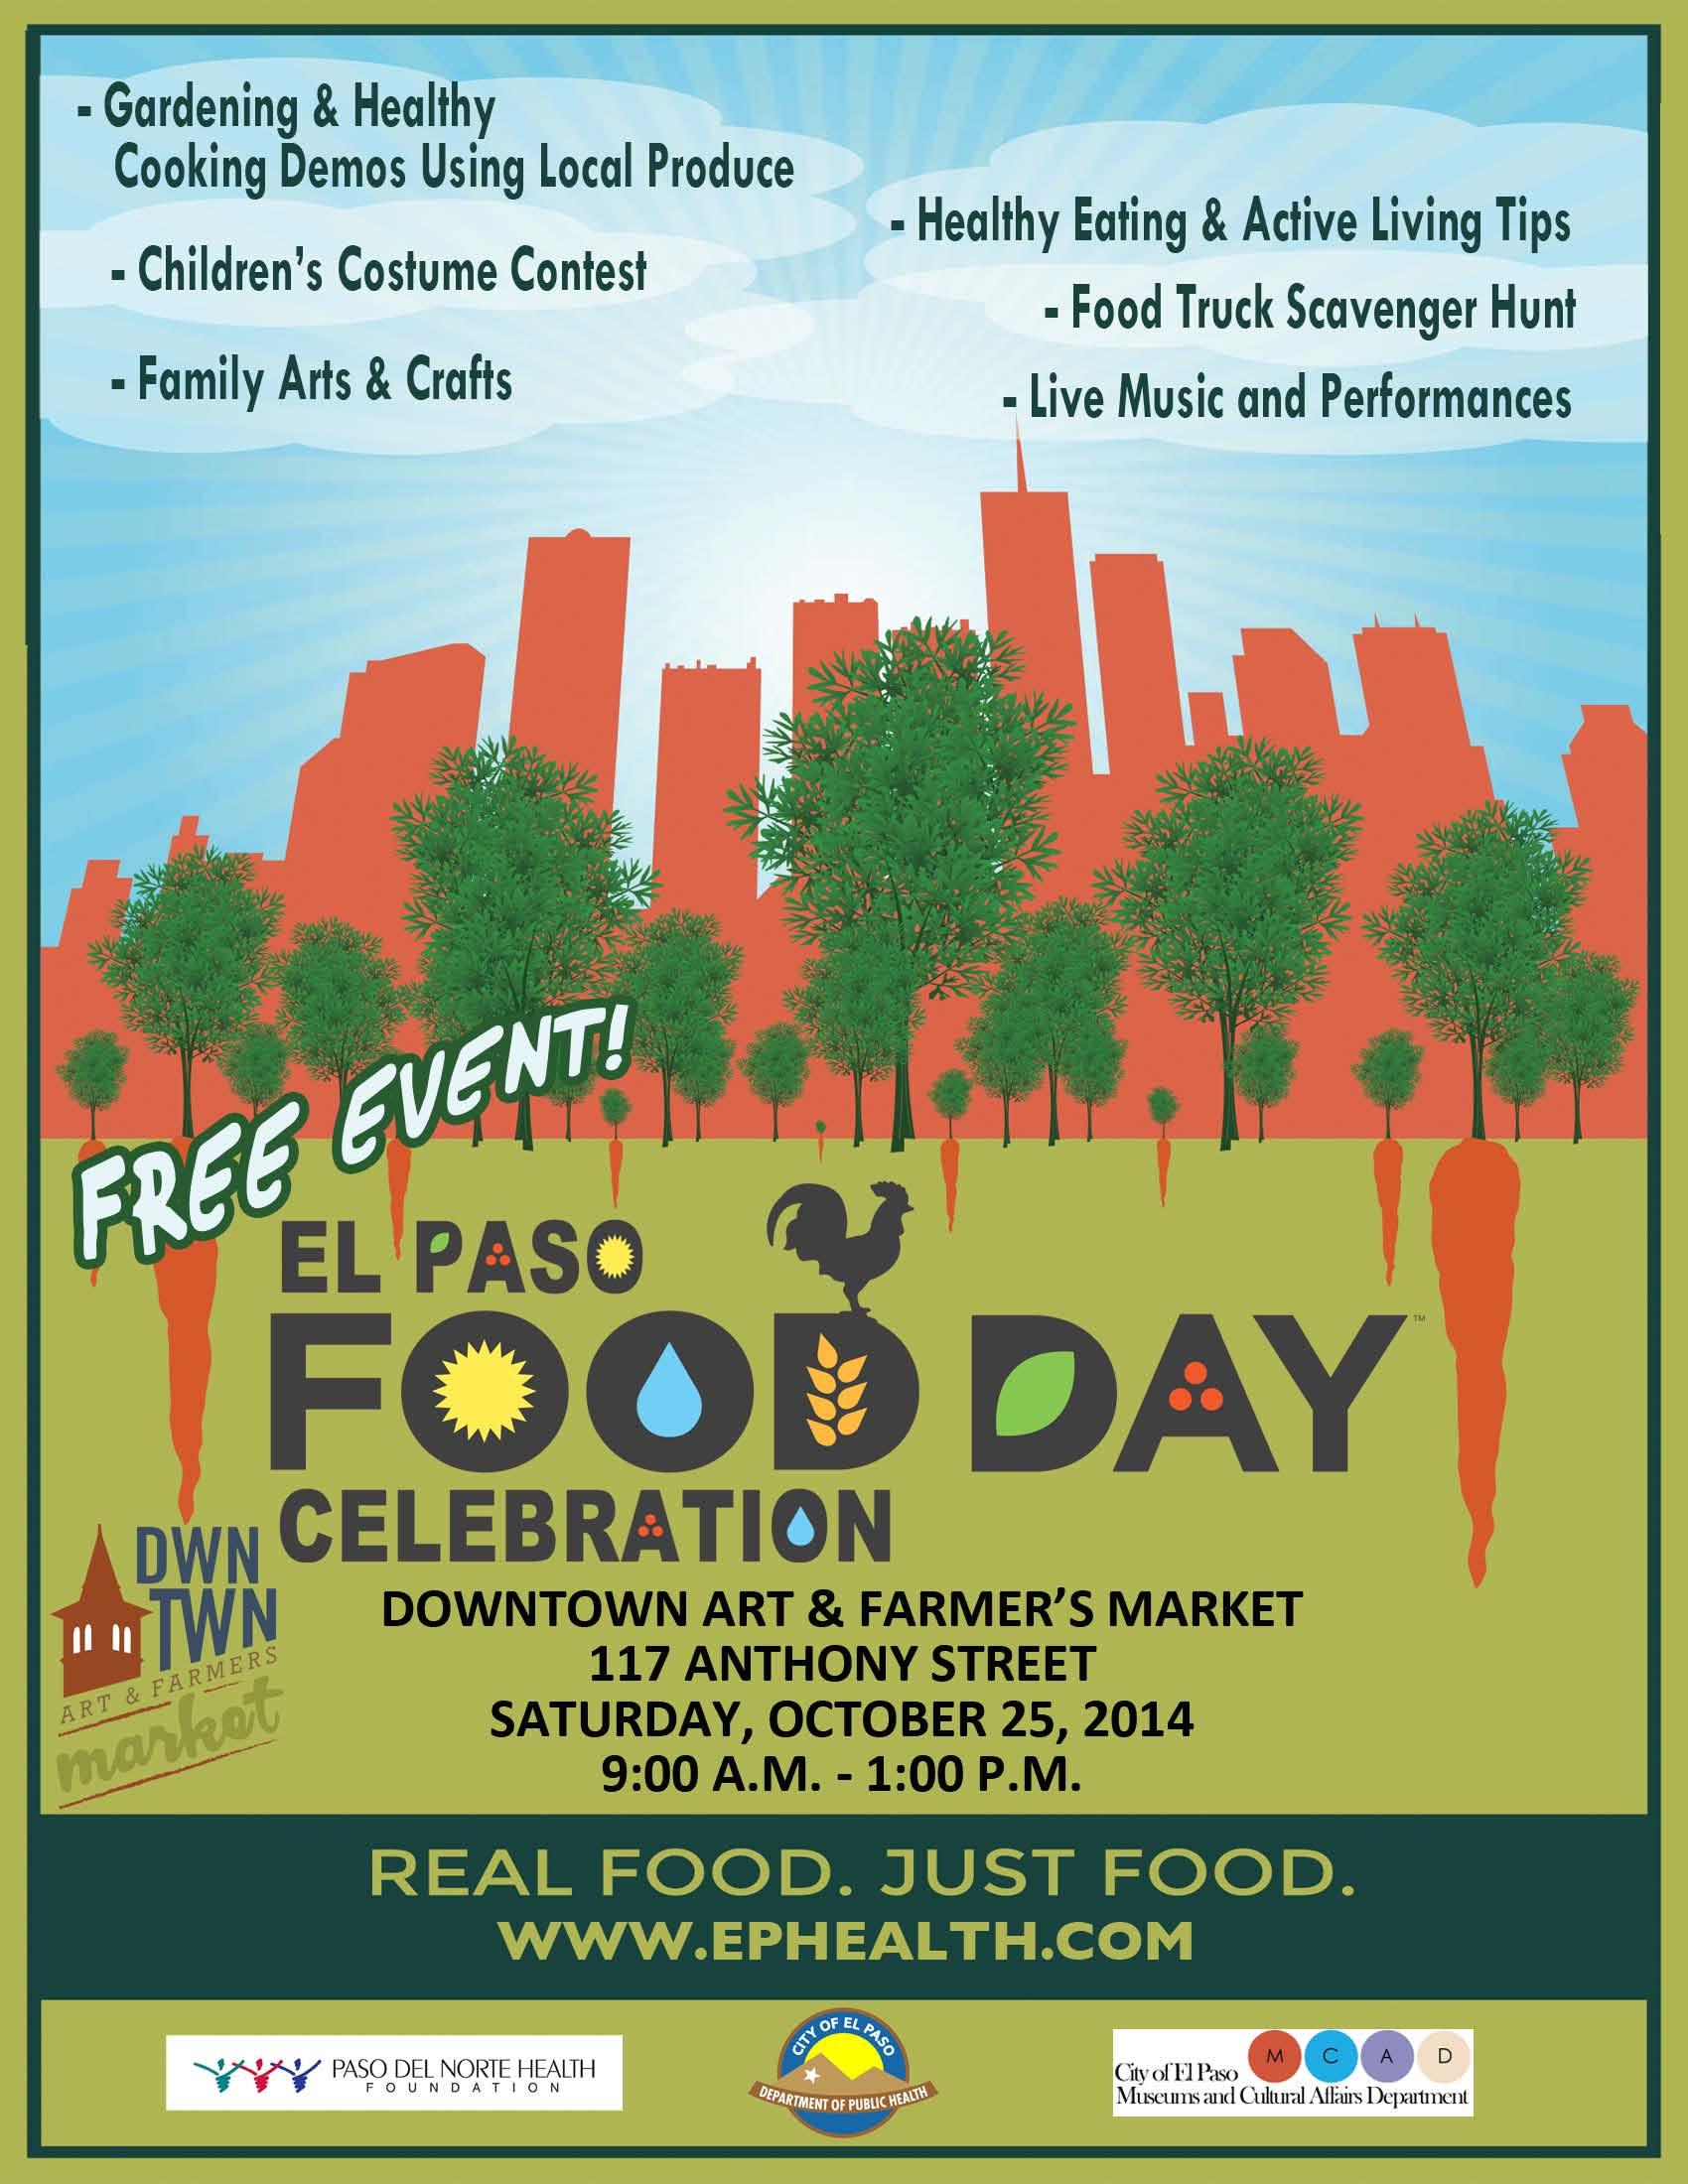 El Paso Food Day Celebration